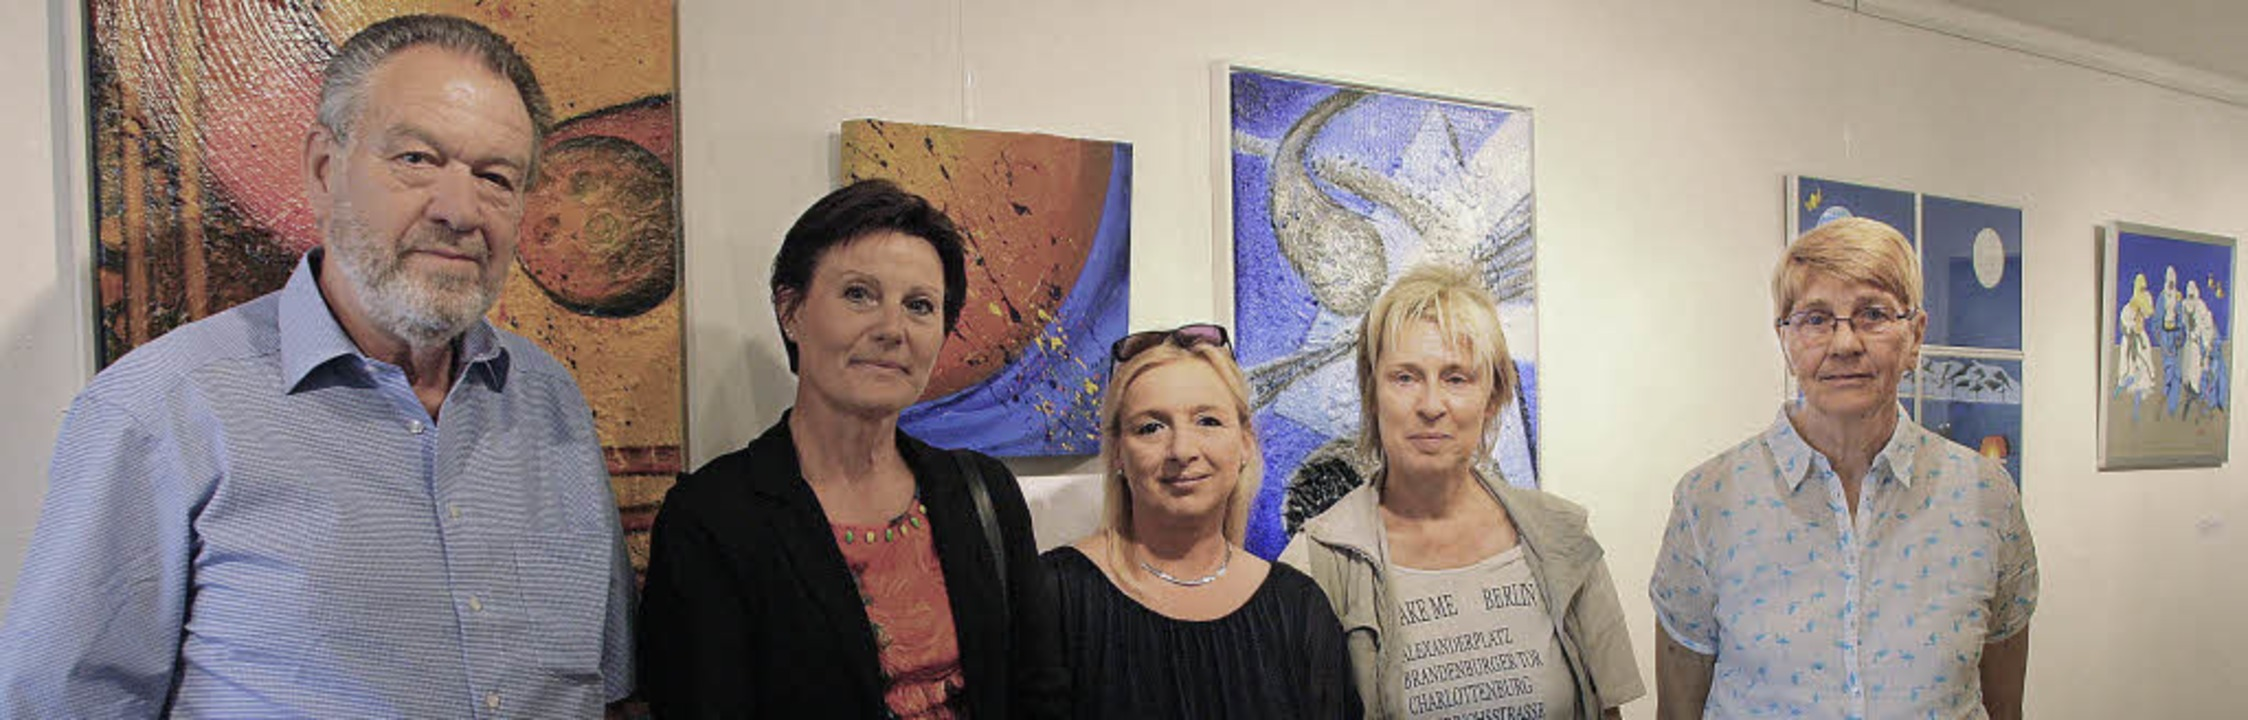 Zur Ausstellung von acht  Kunstschaffe...us in die Galerie Alpha 7 in Weisweil.  | Foto: Christiane Franz